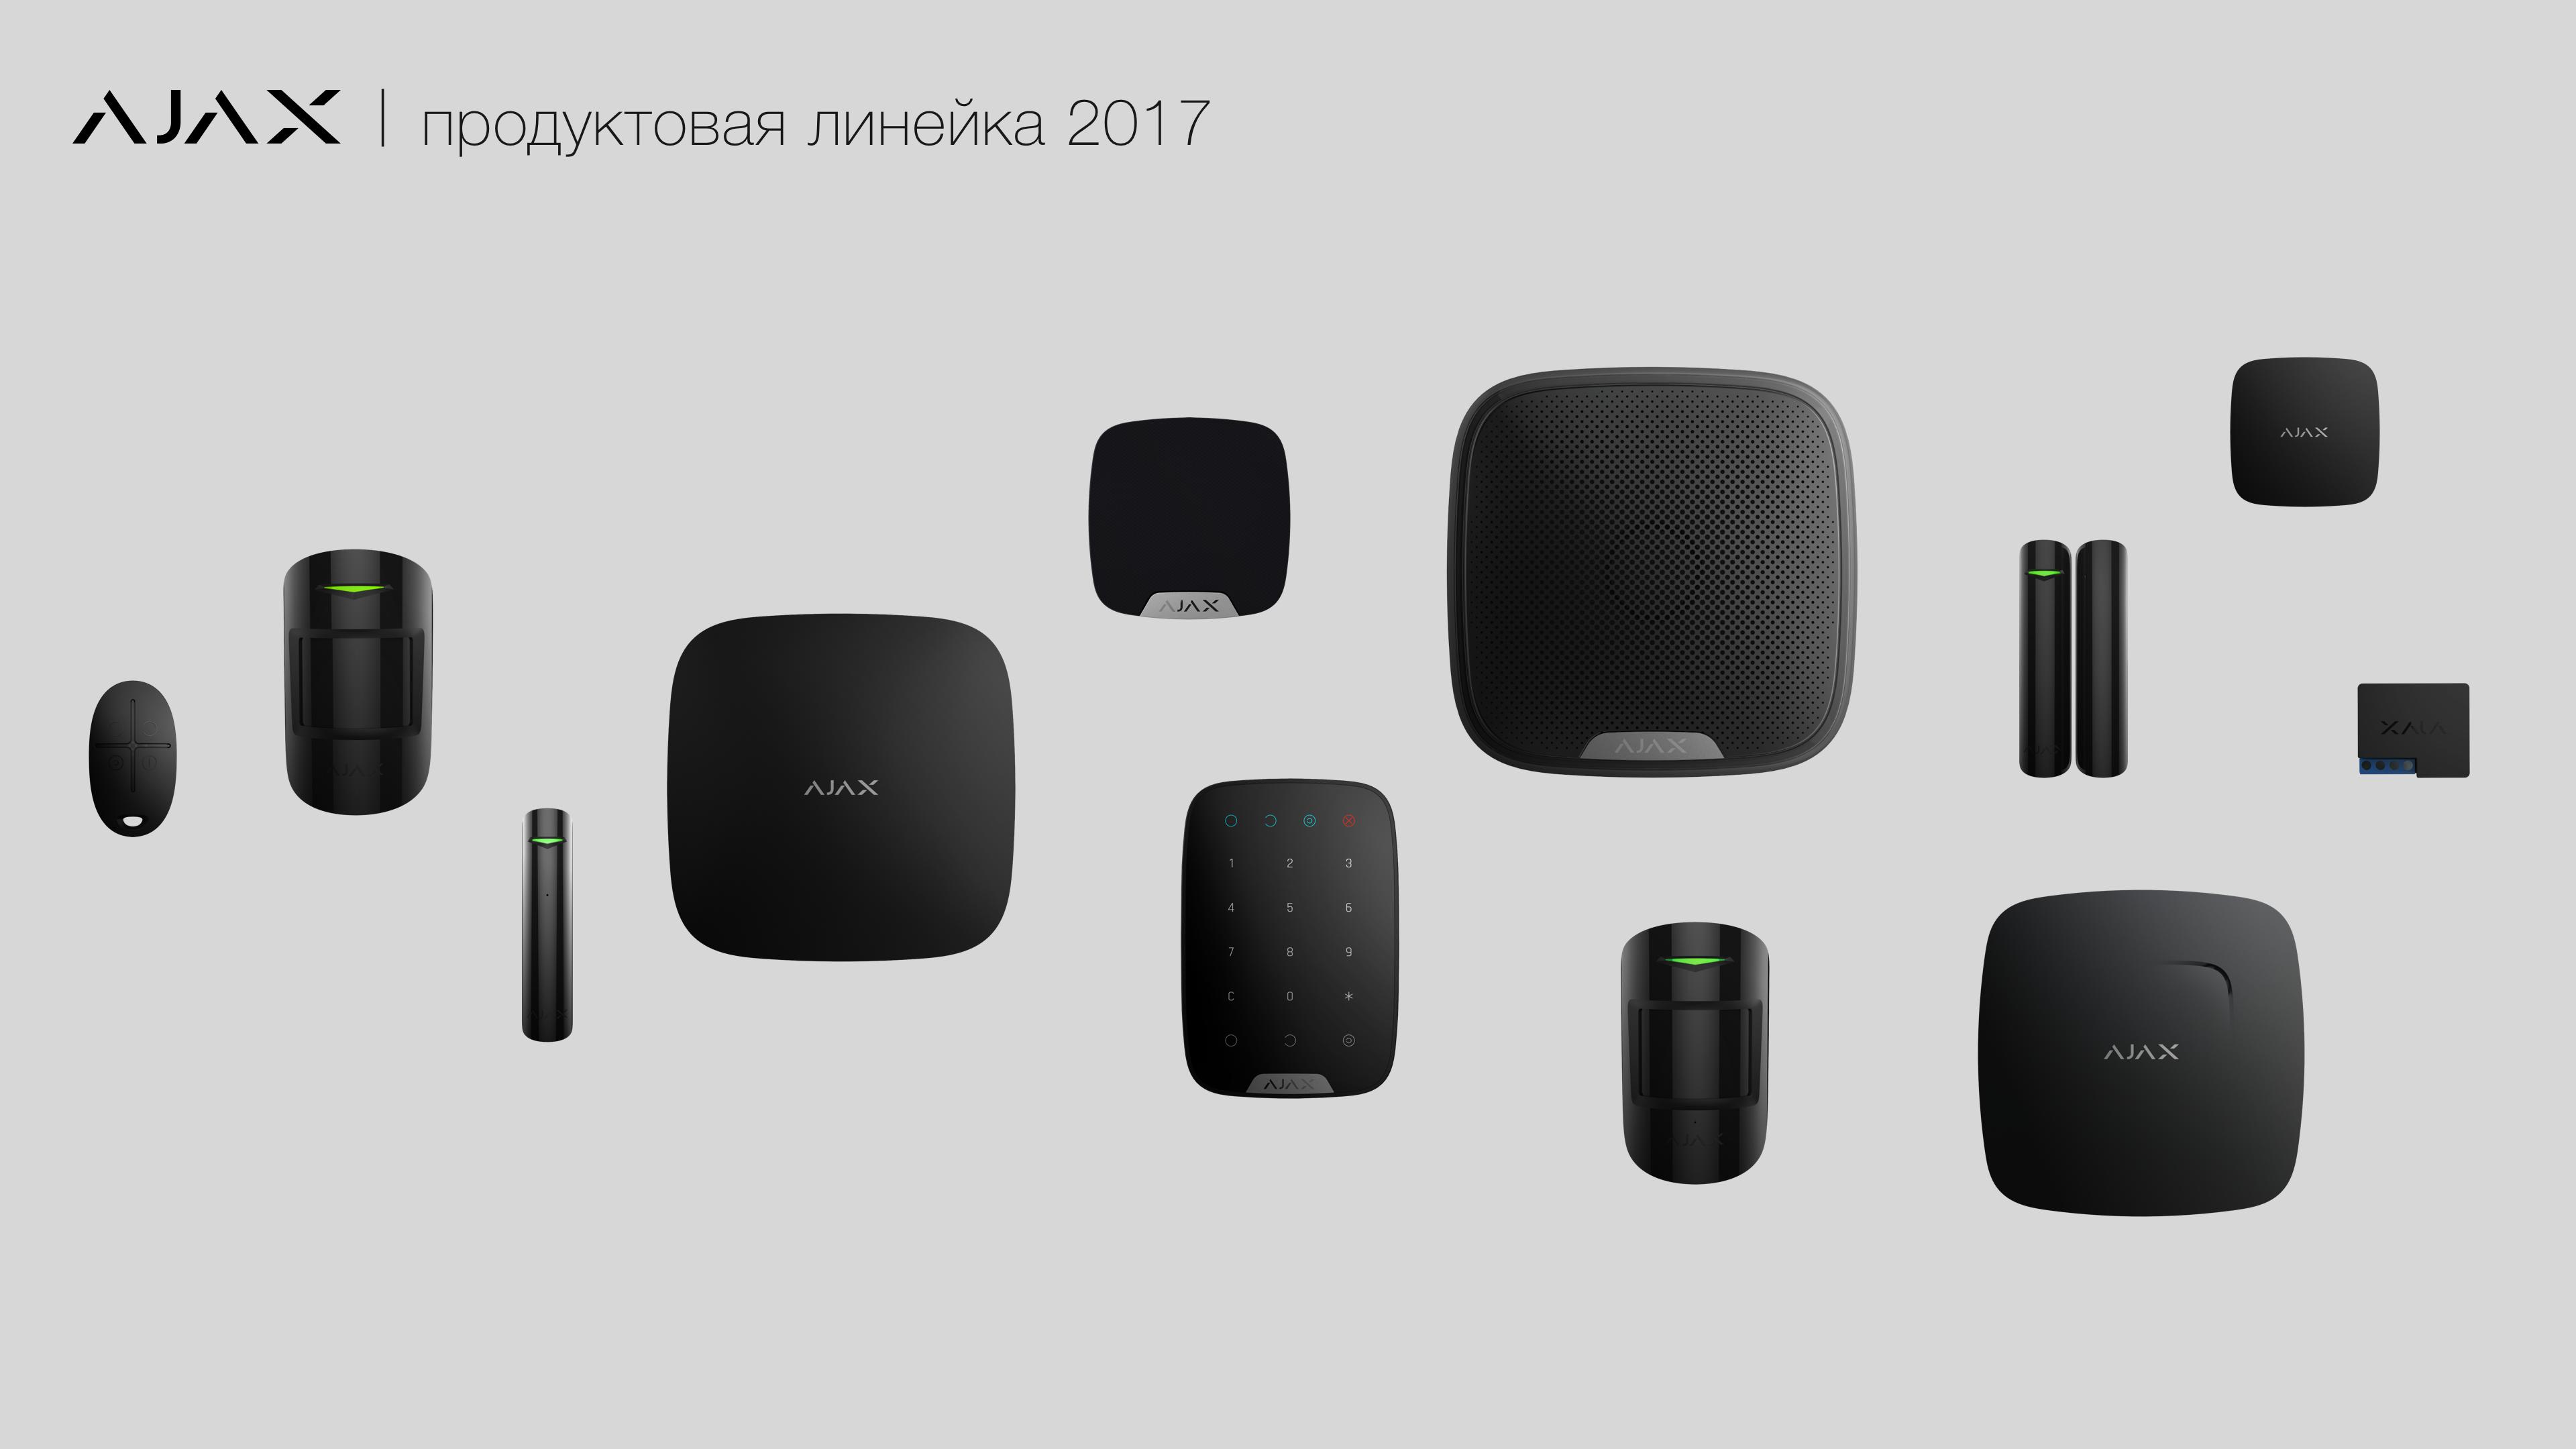 Продуктовая линейка 2017 года